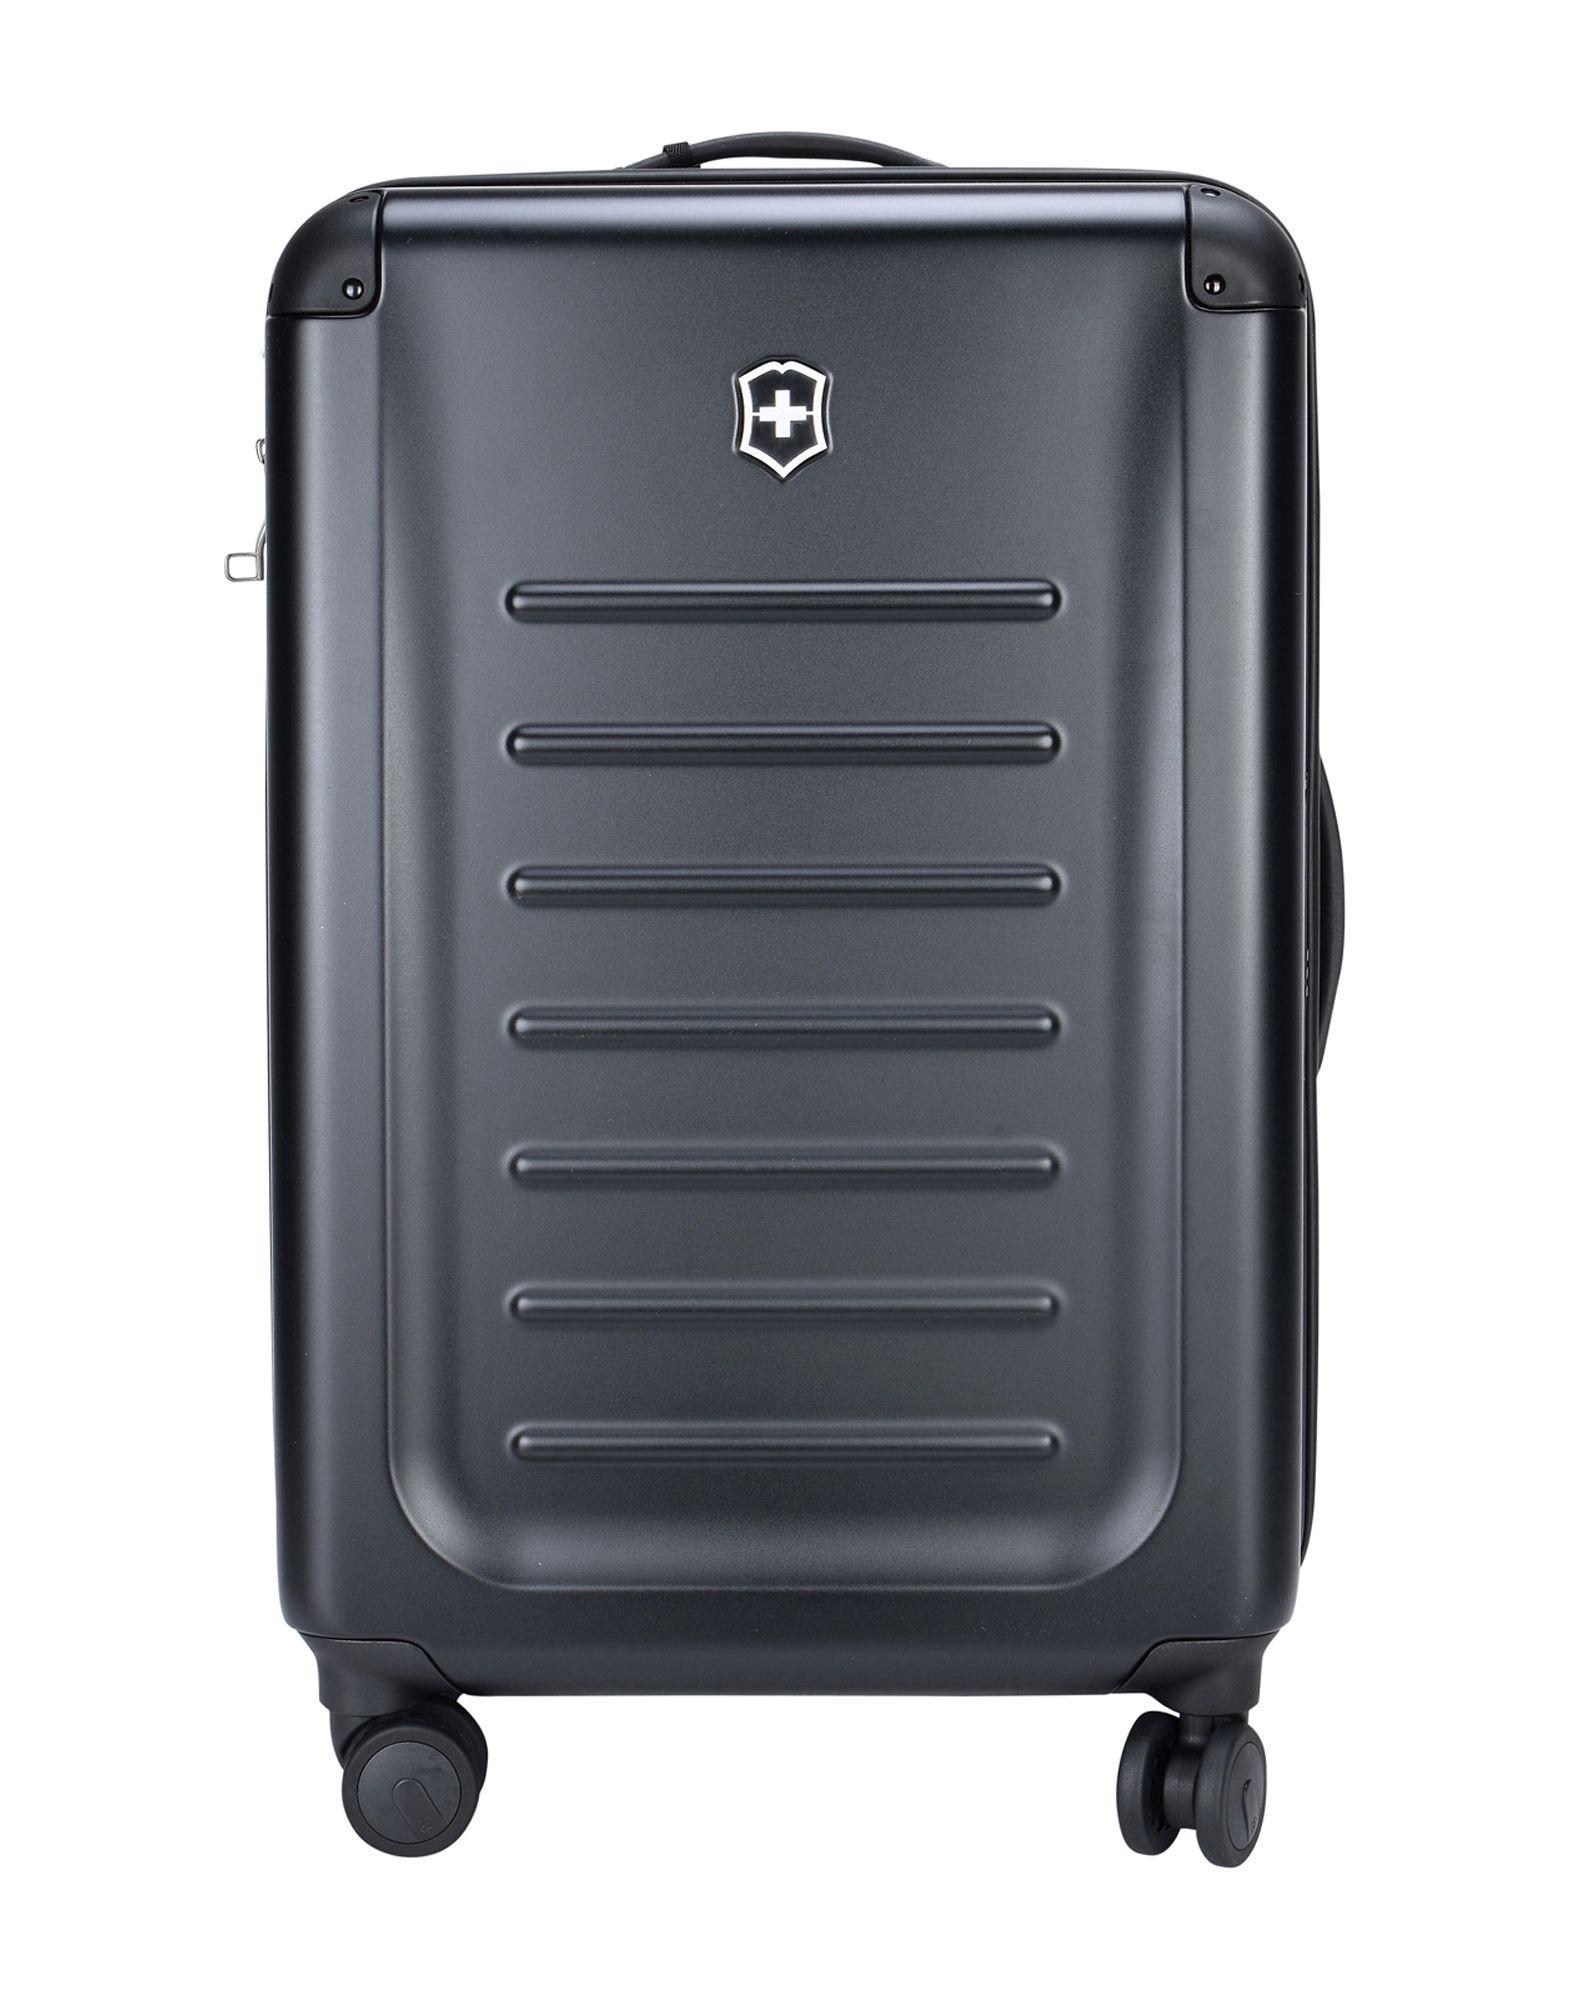 《セール開催中》VICTORINOX Unisex キャスター付きバッグ ブラック ポリエチレン SPECTRA 2.0 MEDIUM